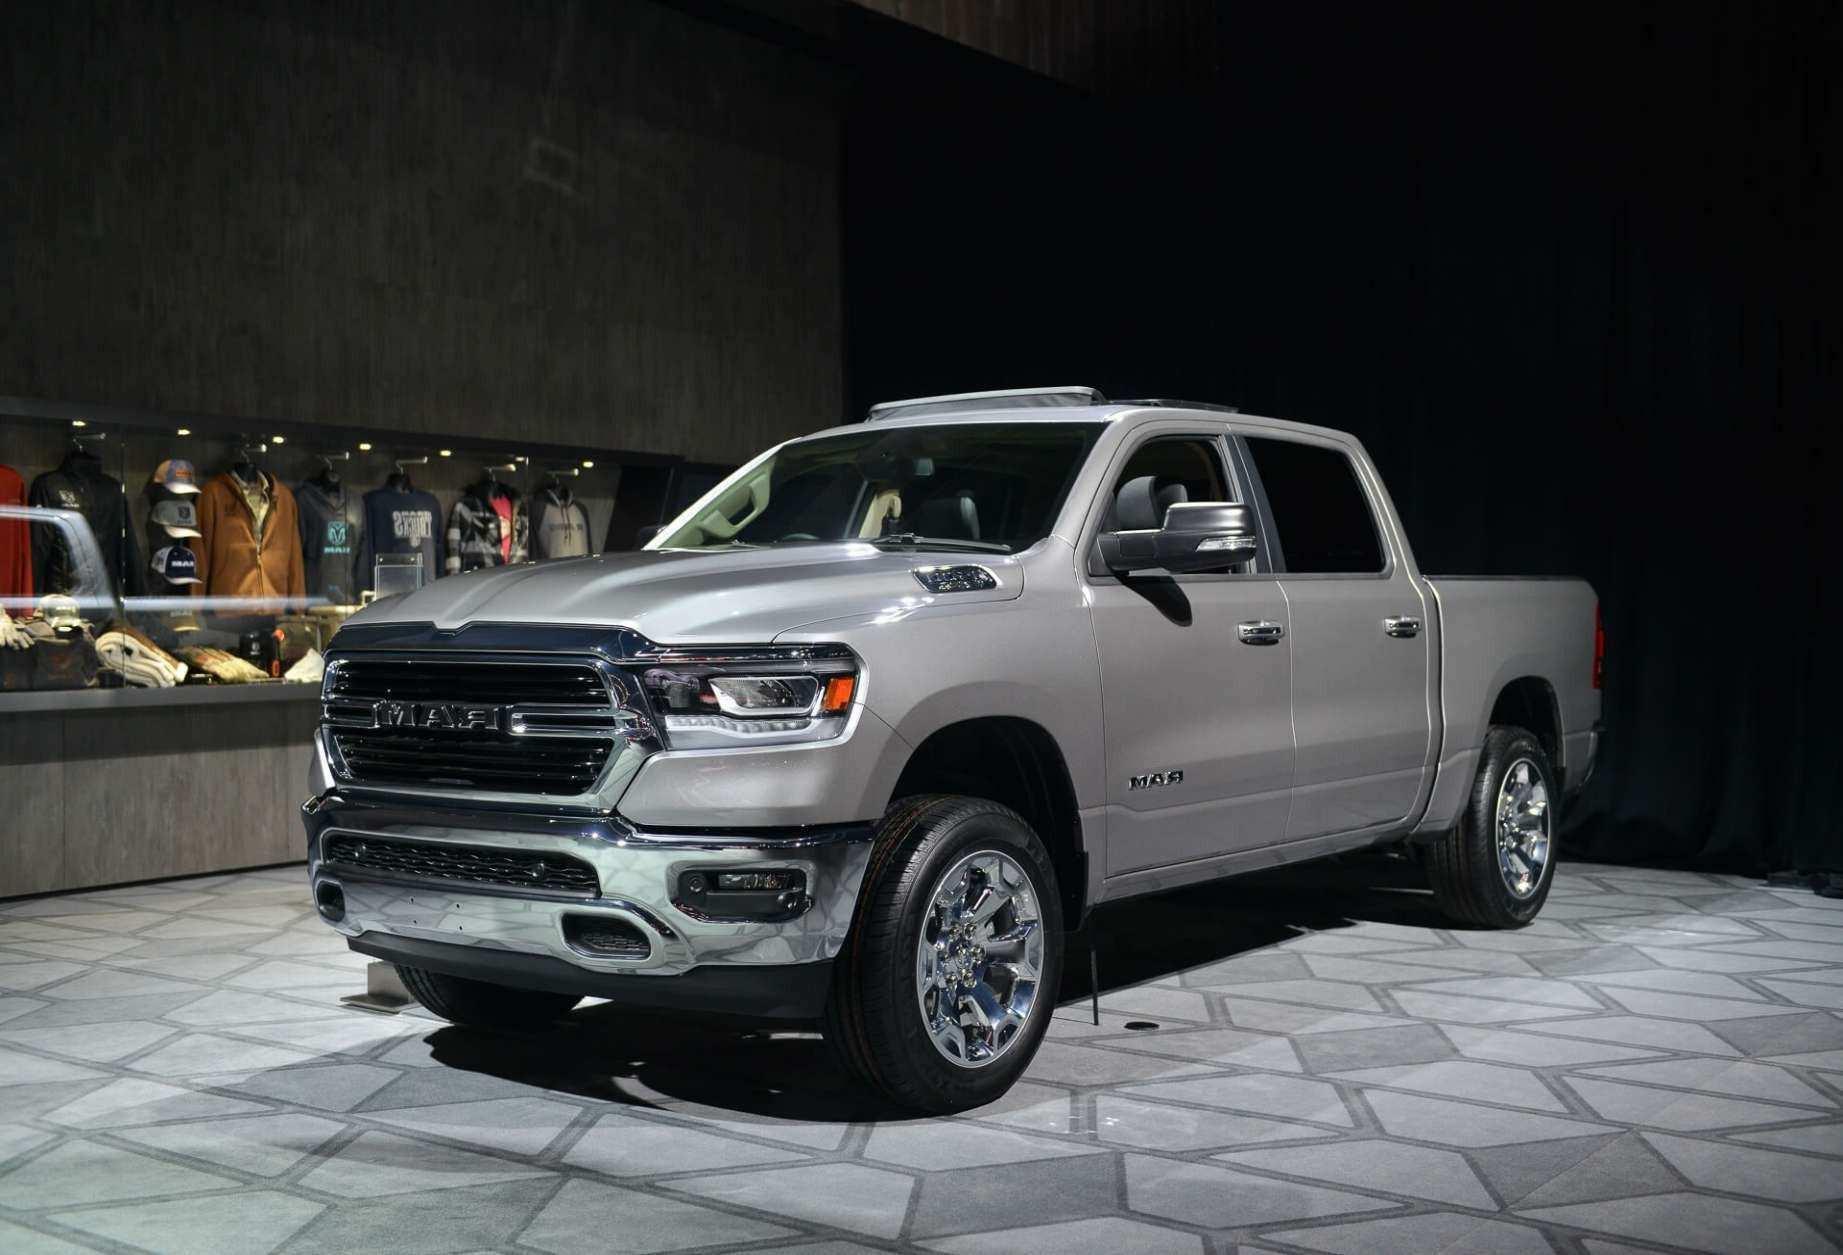 21 Gallery of 2020 Toyota Vigo 2018 Pictures with 2020 Toyota Vigo 2018